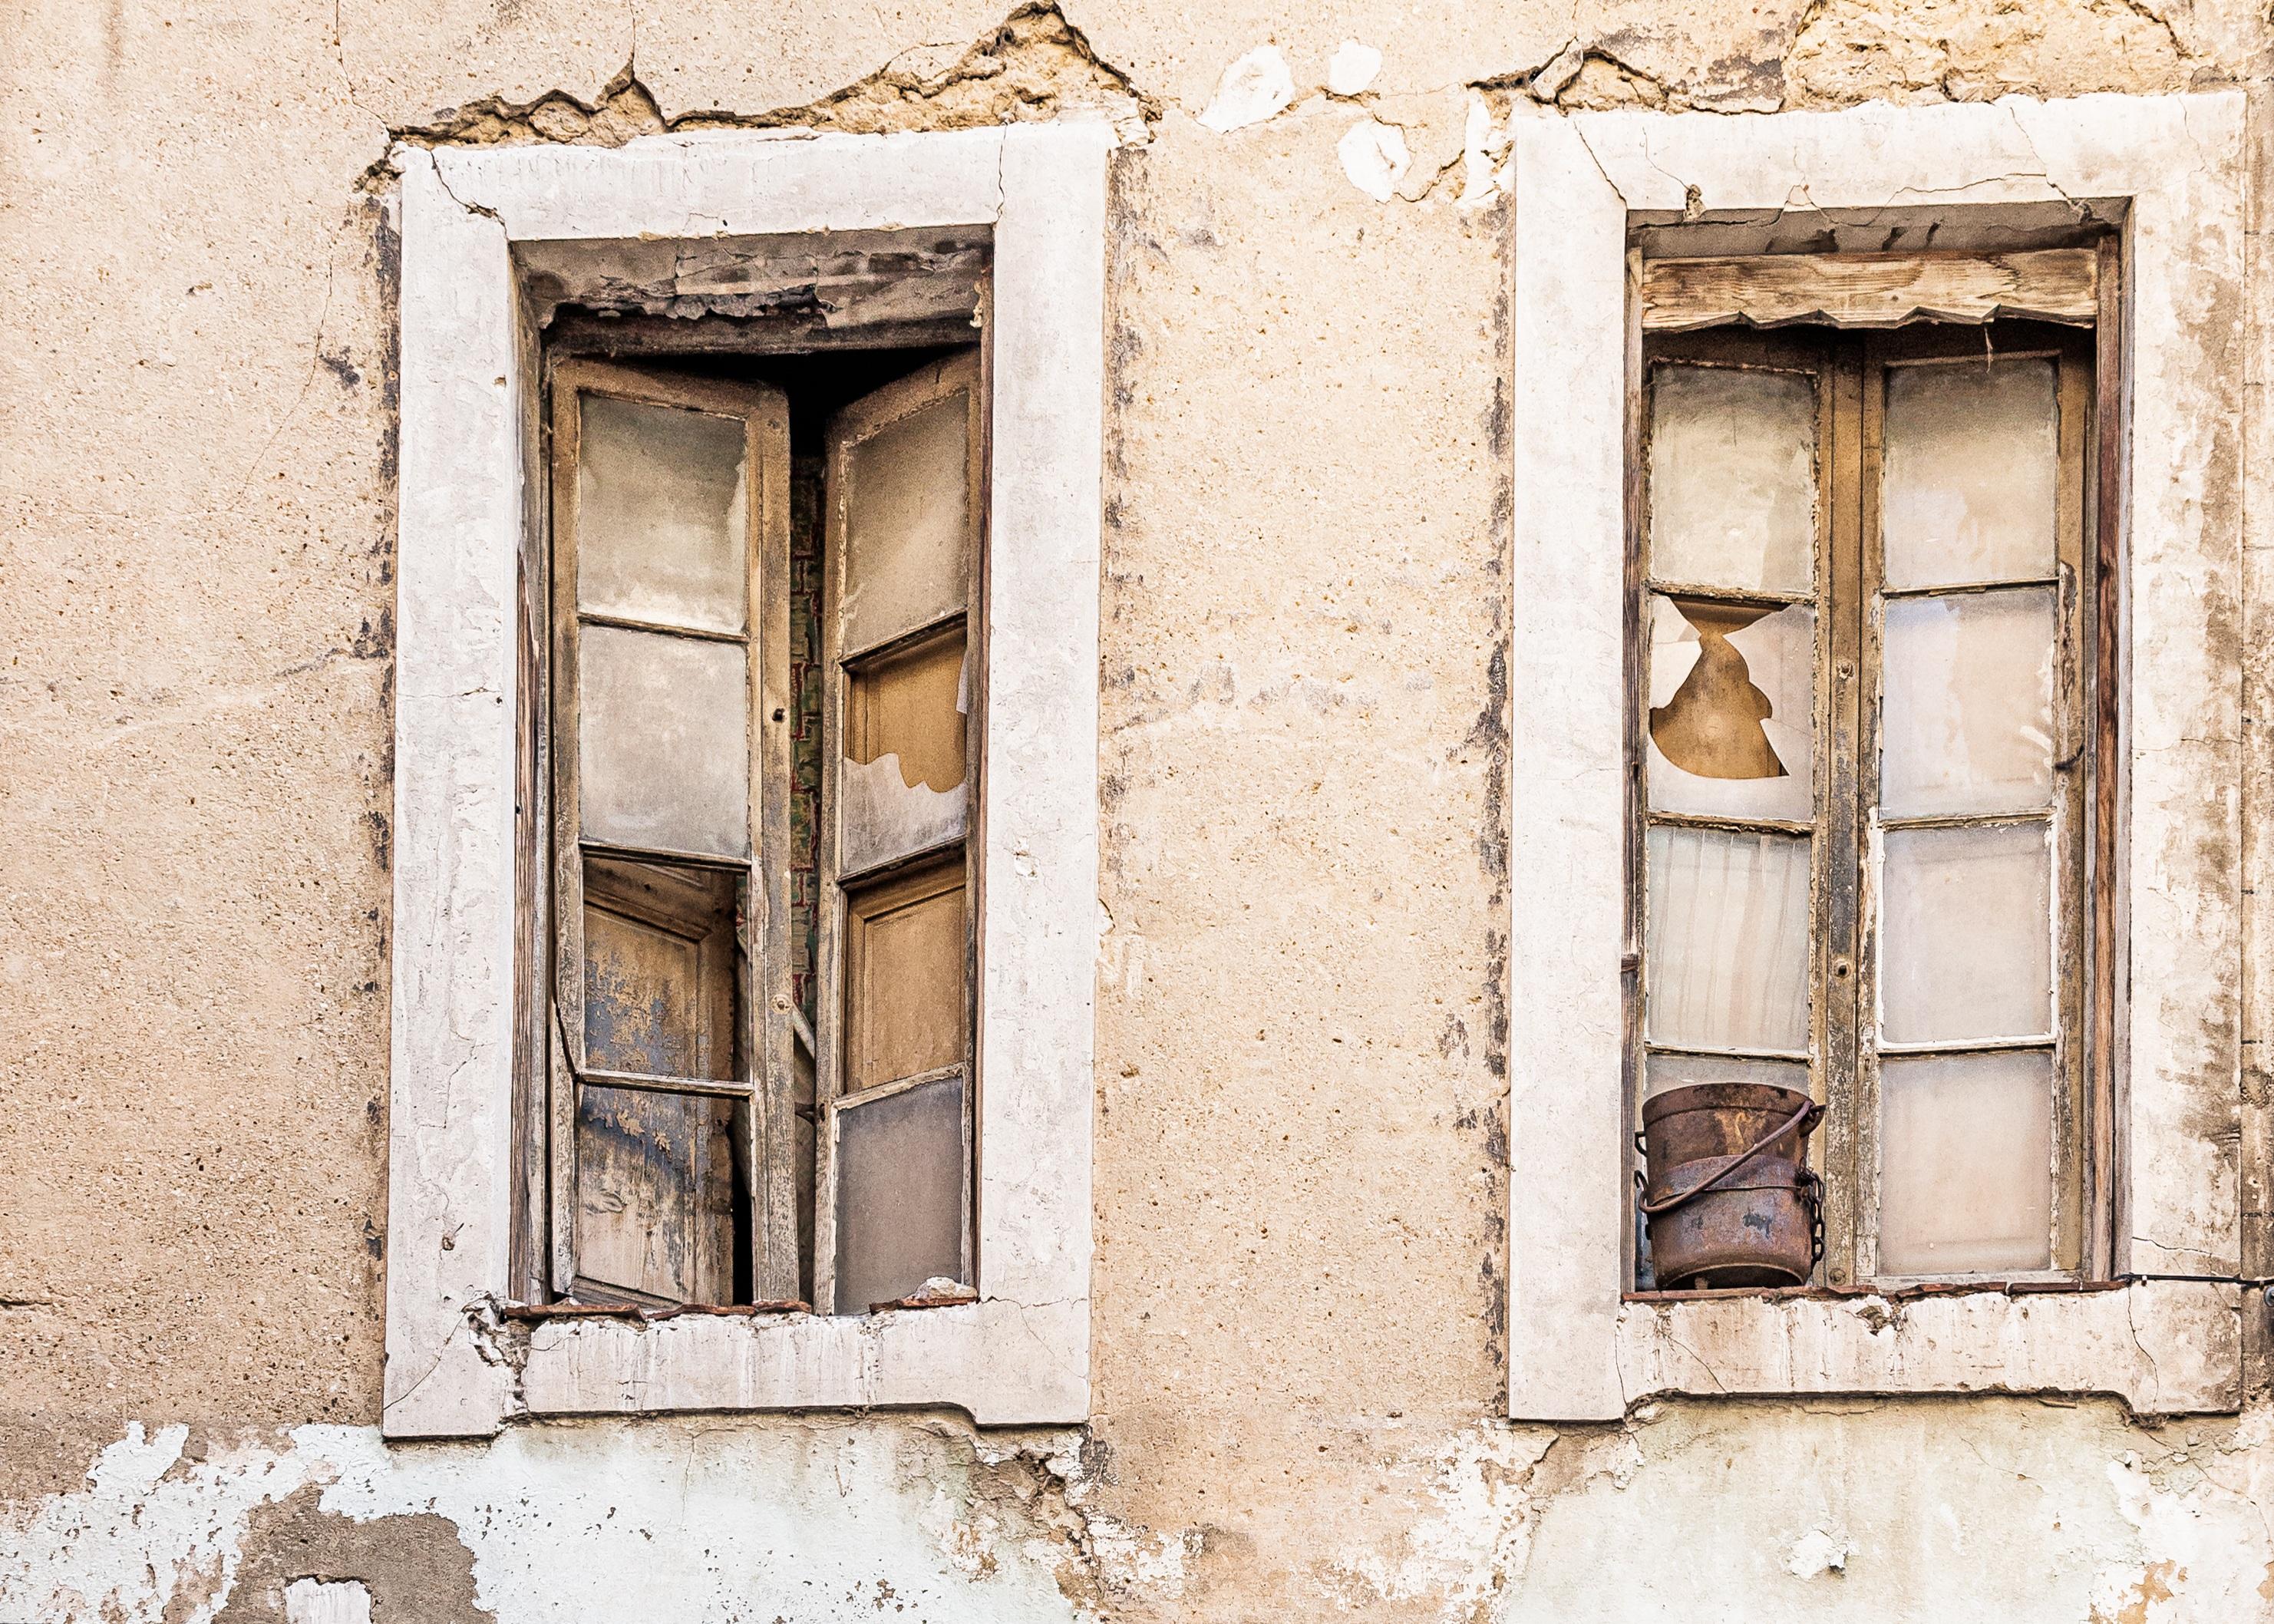 Kostenlose foto : die Architektur, Holz, Weiß, Fenster, Glas, Mauer ...